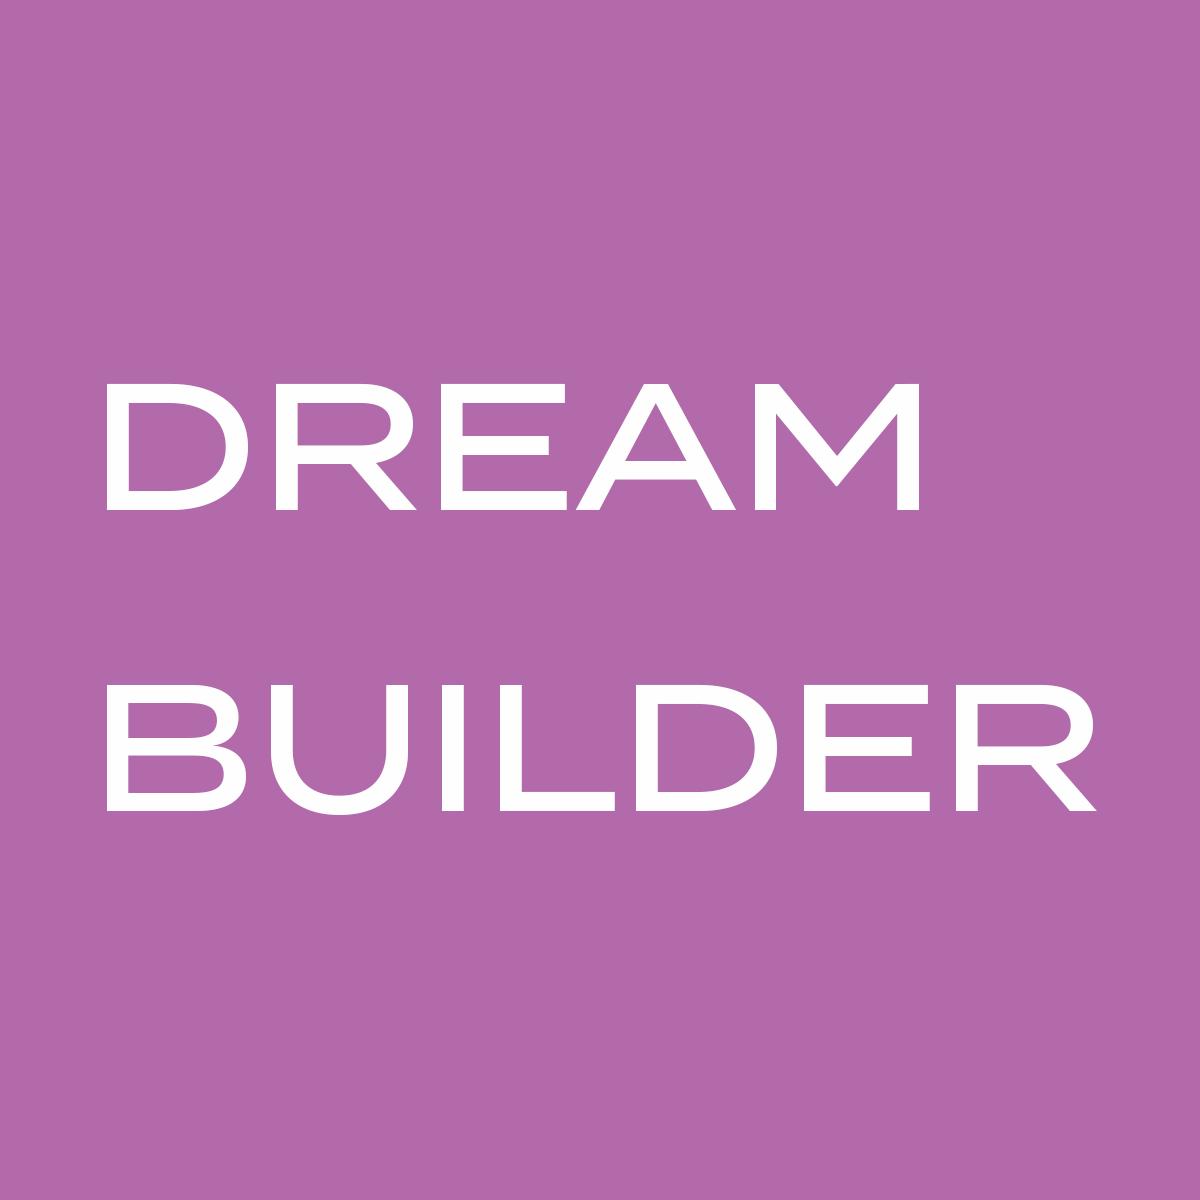 $5,0000 DREAM BUILDER.jpg